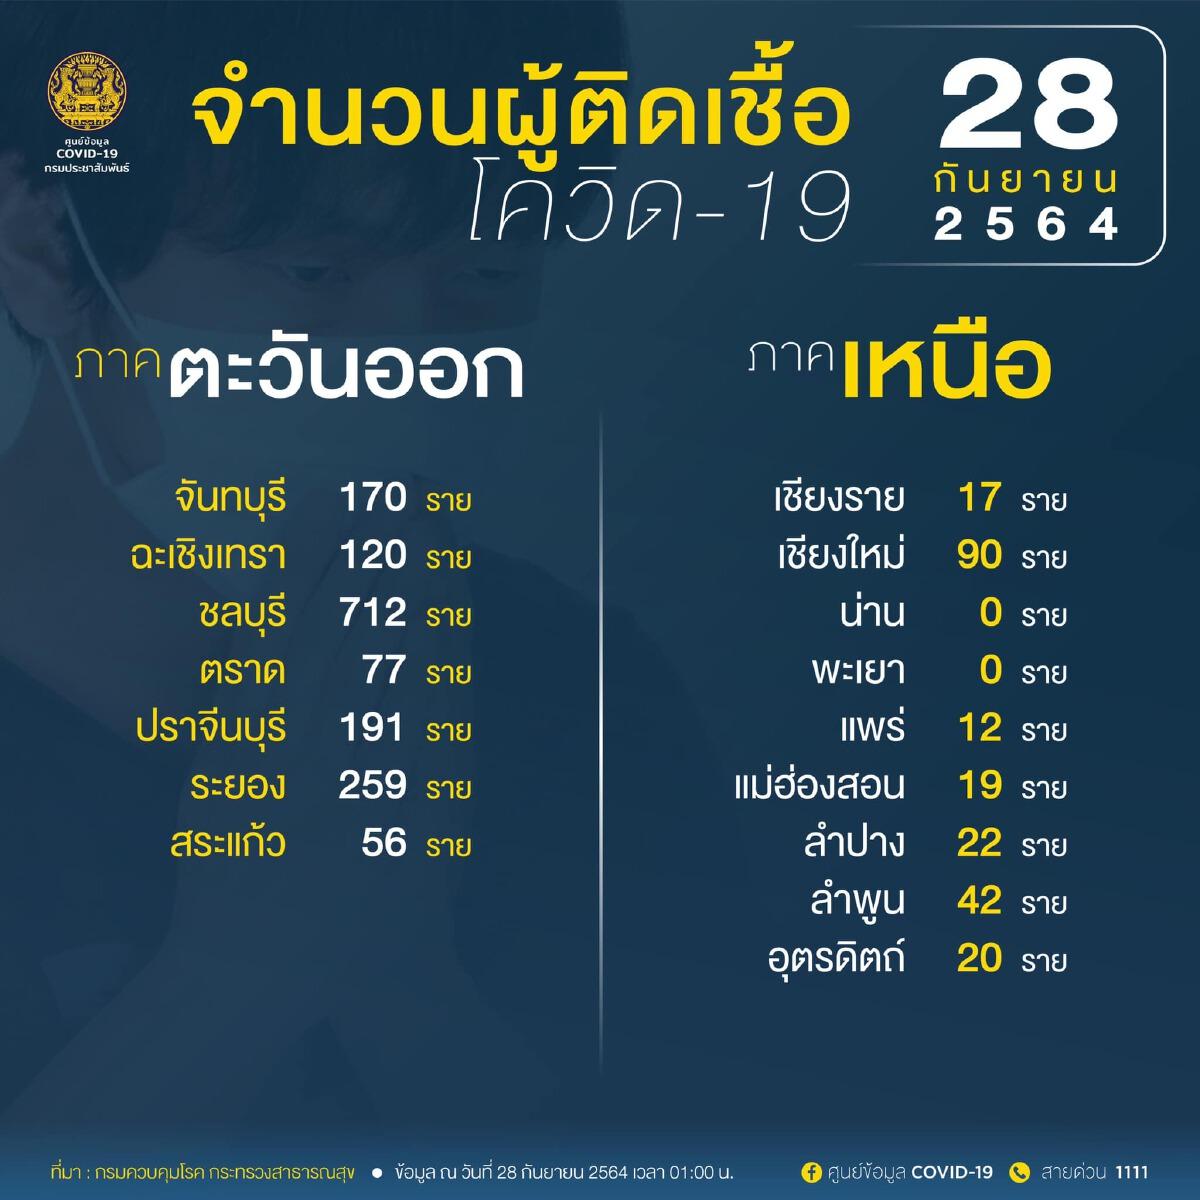 """อัพเดท """"โควิดวันนี้"""" 10 จังหวัดติดเชื้อสูงสุด กทม.-ปริมณฑล 2,696 จับตาปัตตานี ชลบุรี นครศรีธรรมราช"""